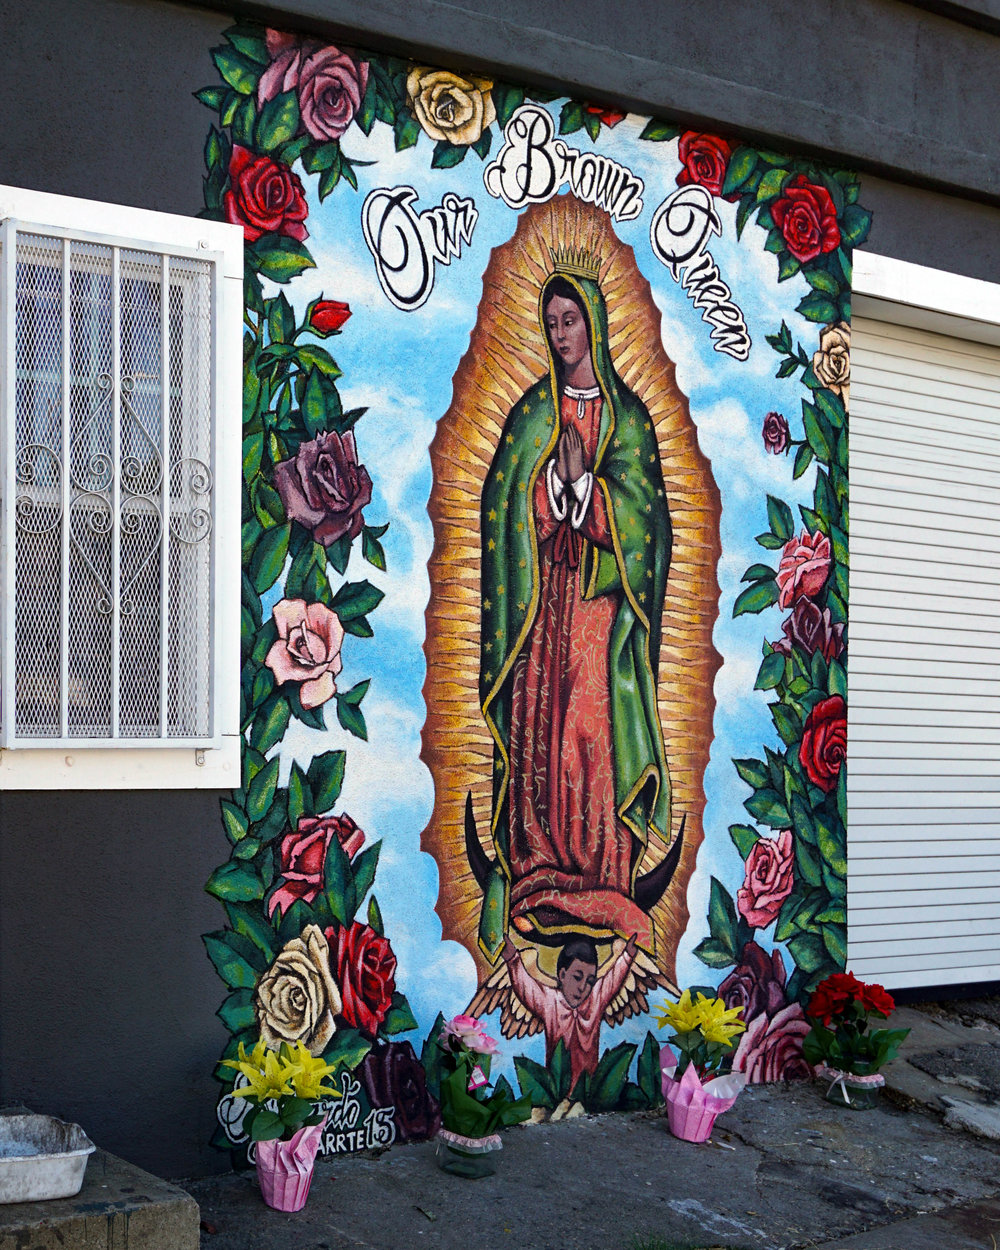 Guadalupe_Lorena&14(?) (1 of 1) copy-1.jpg